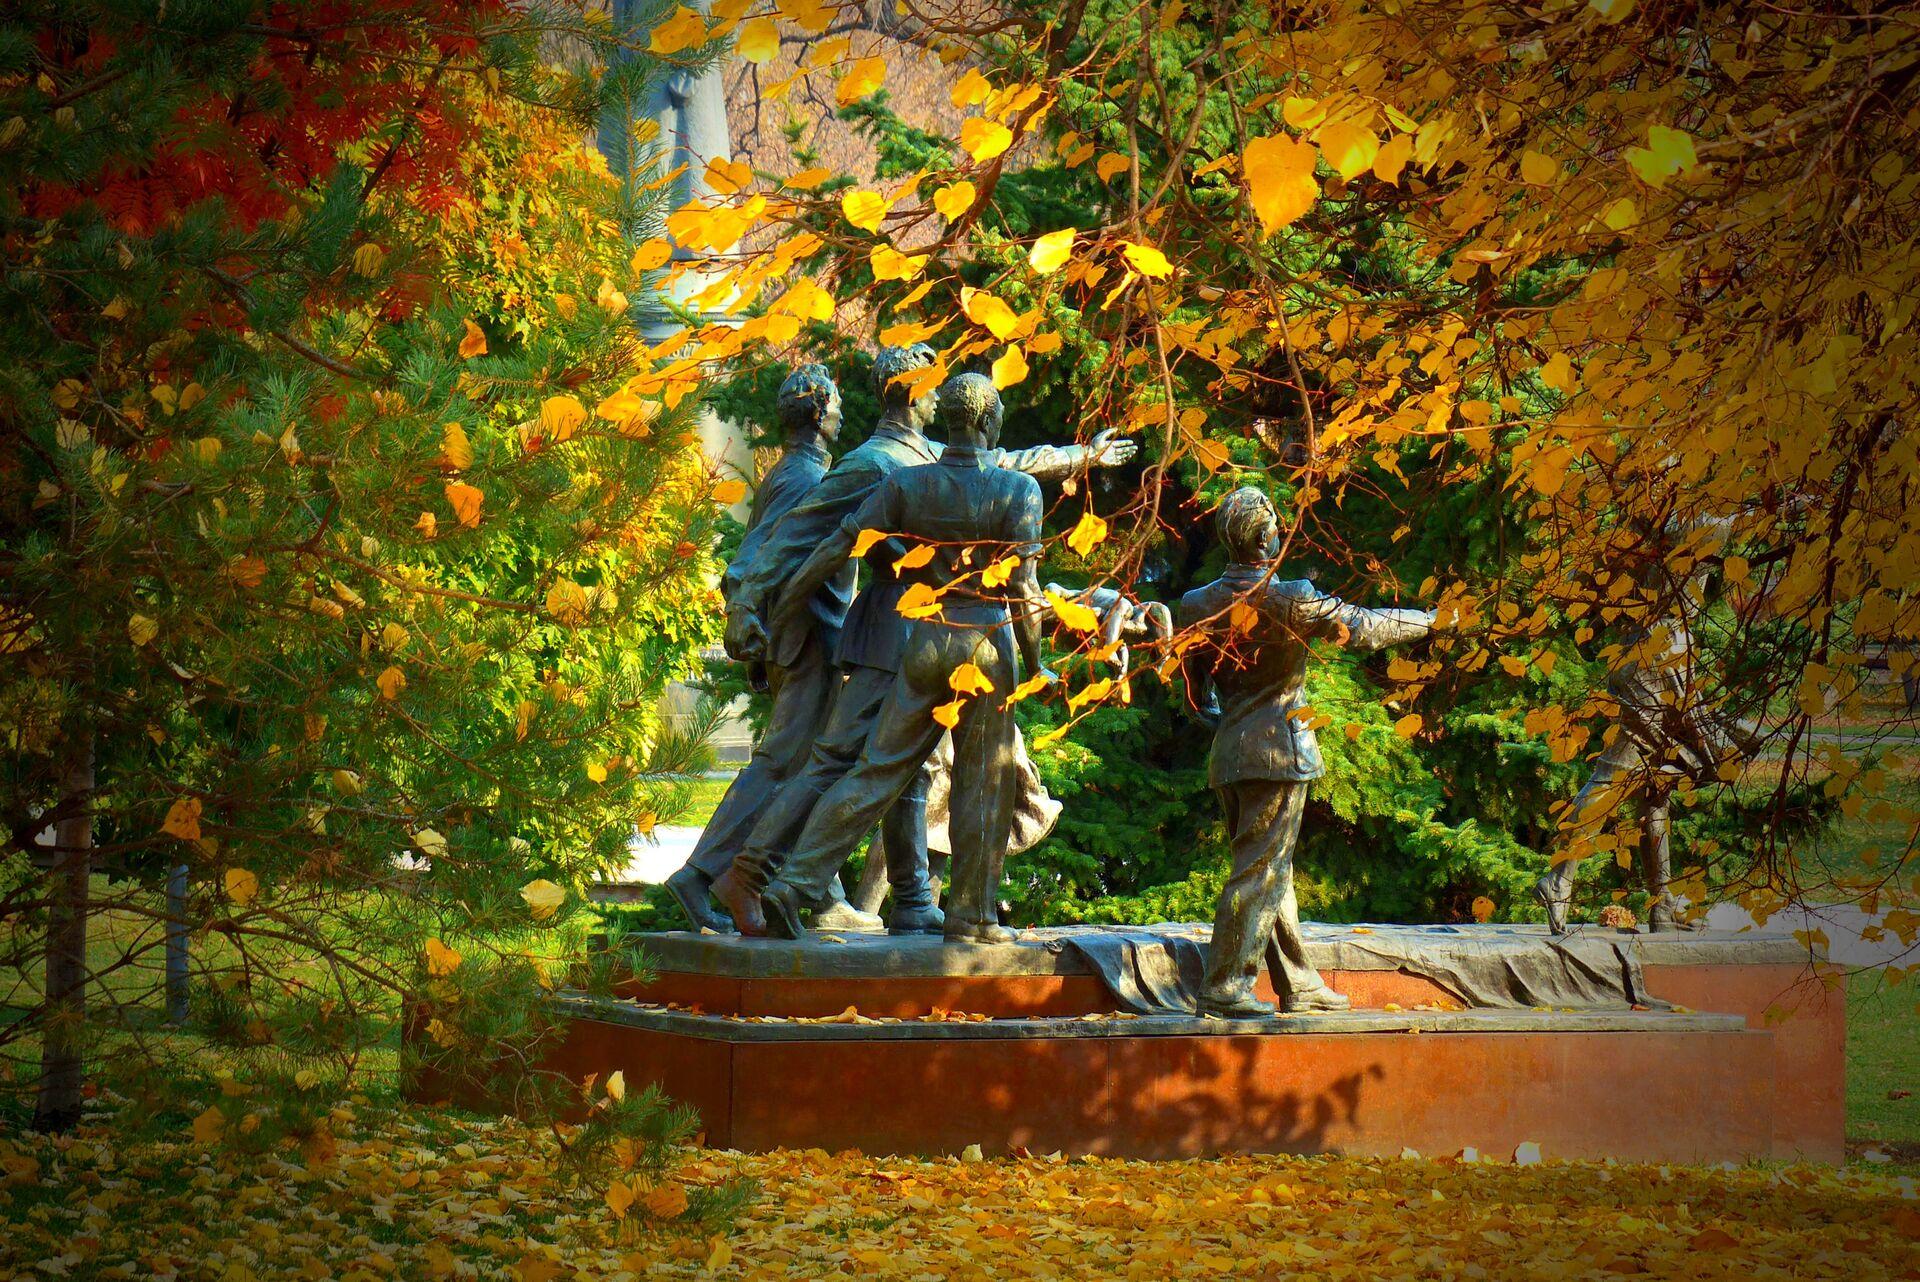 Памятник Веры Мухиной Требуем мира! в парке искусств Музеон в Москве - Sputnik Грузия, 1920, 22.09.2021